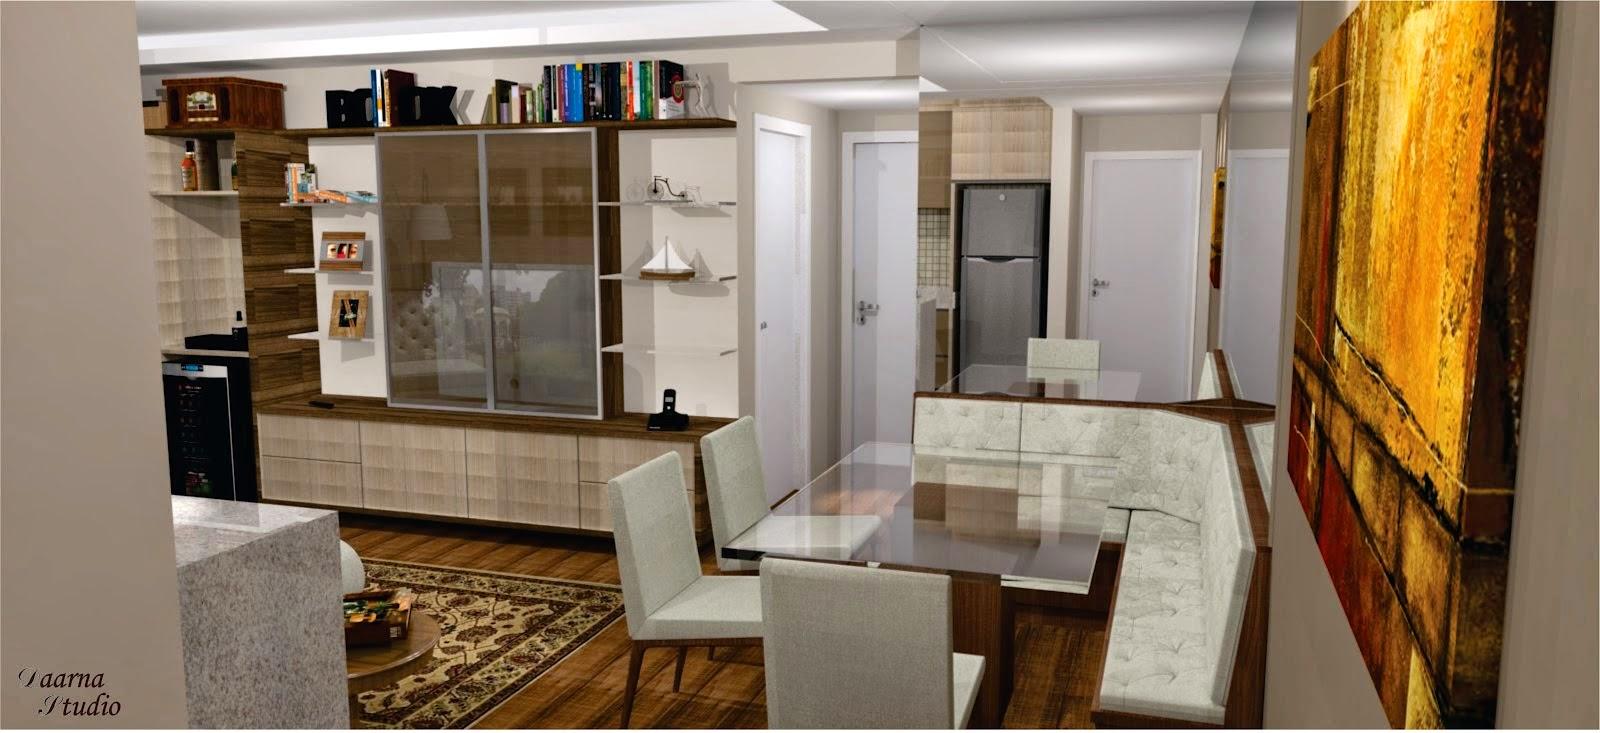 Construindo Minha Casa Clean Canto Alem O Moderno Na Decora O  -> Sala De Jantar Alema